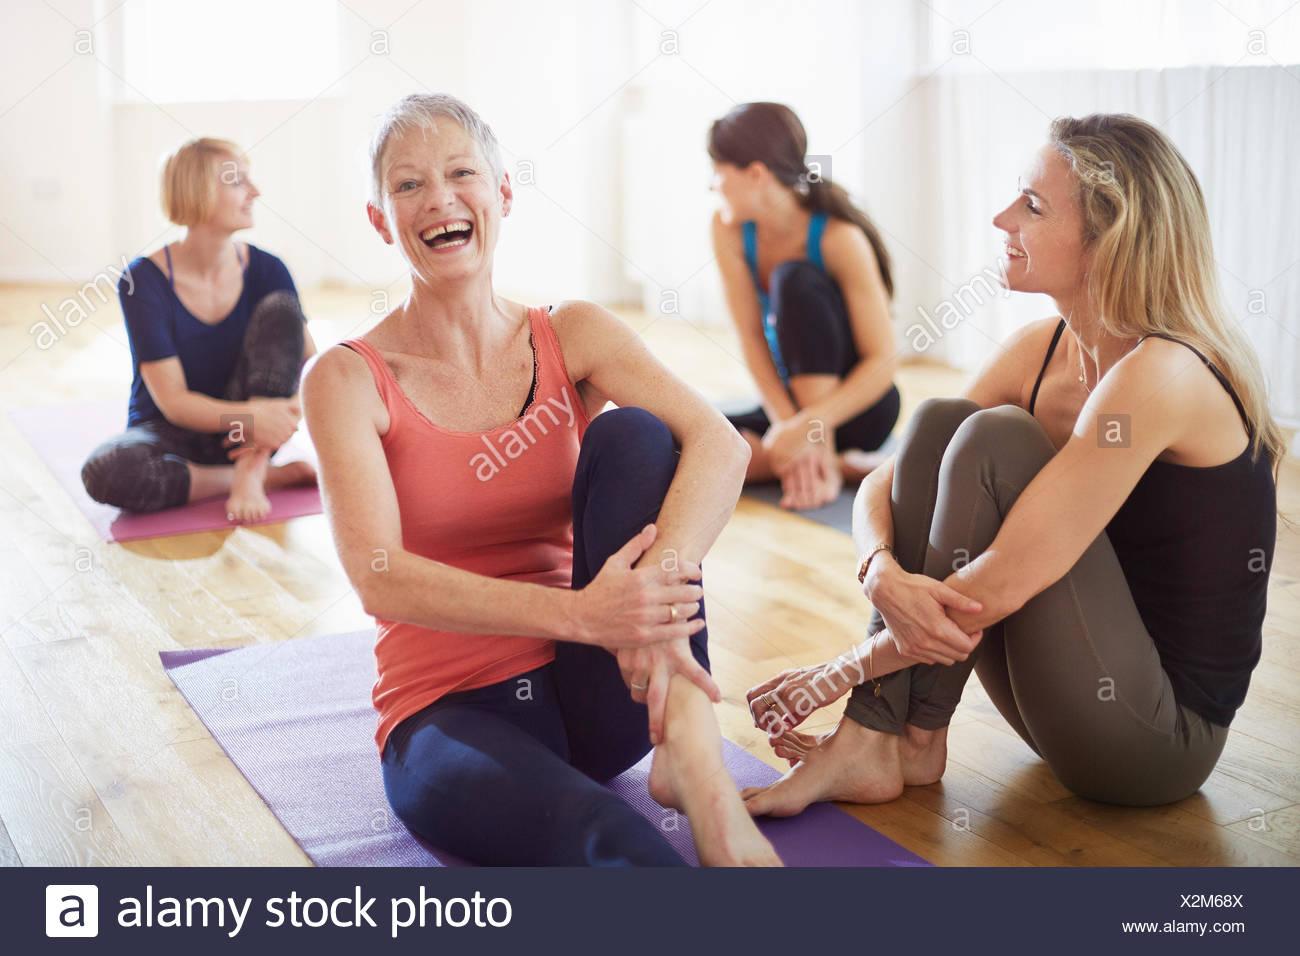 Quatre femmes assises sur le sol en cours Photo Stock